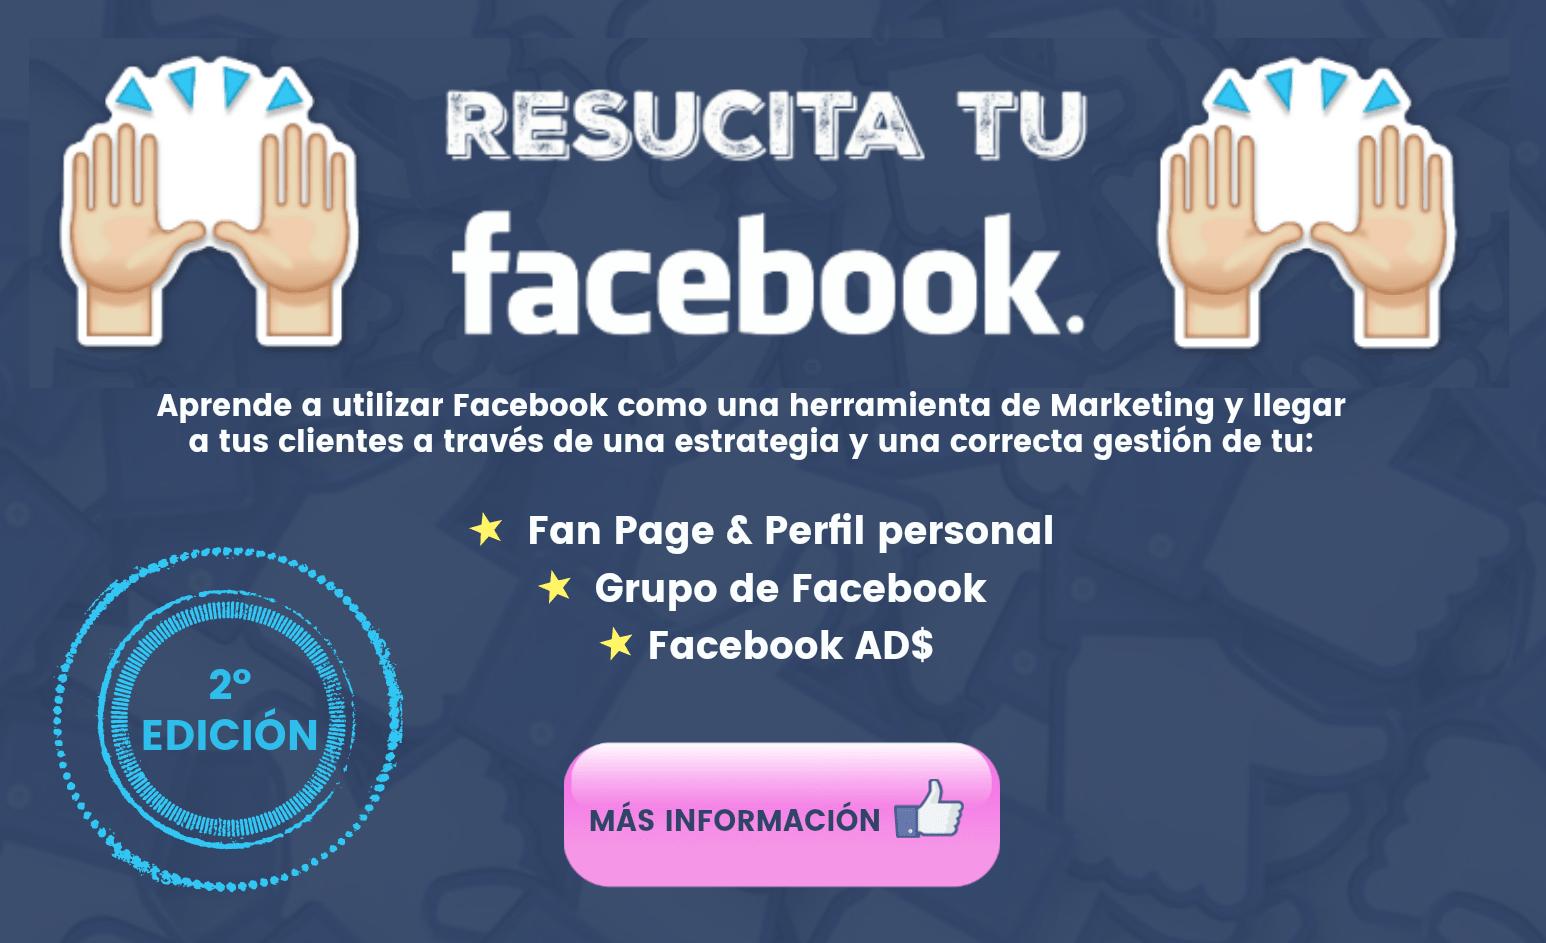 resucita-facebook-2-edicion-junio-2019 copia